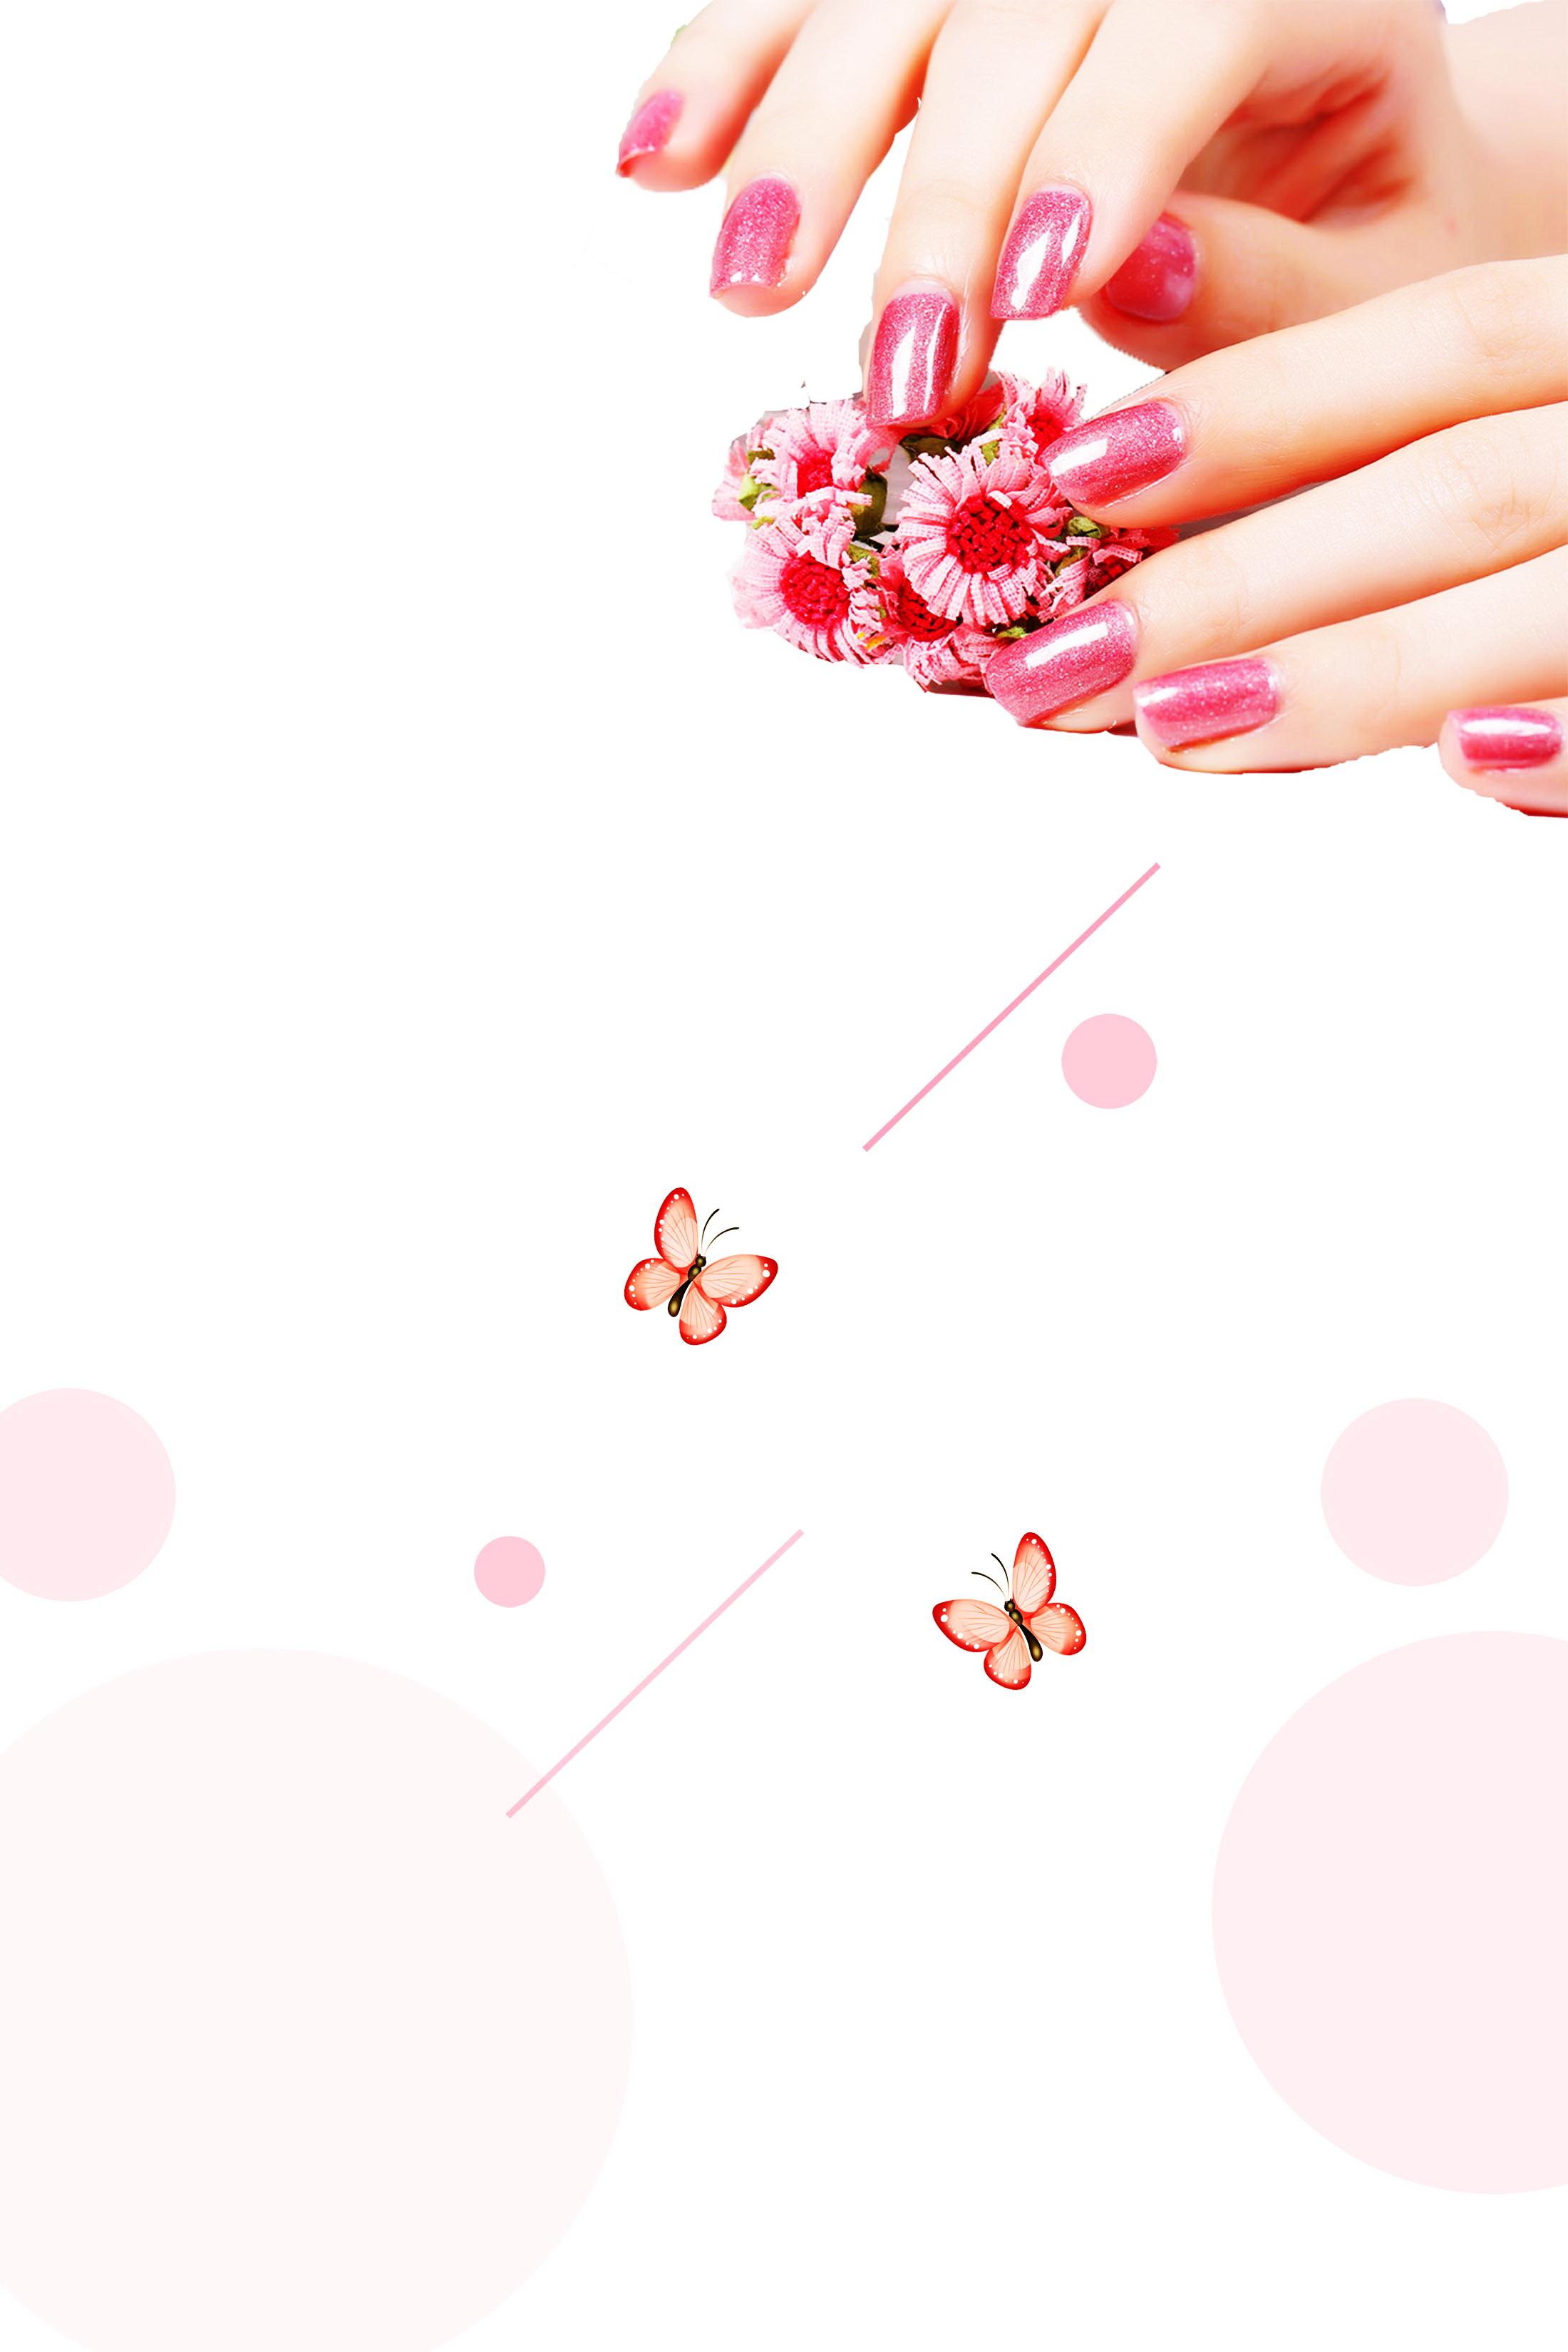 Fun finger nail polish nail ads background fashion - Nails wallpaper download ...